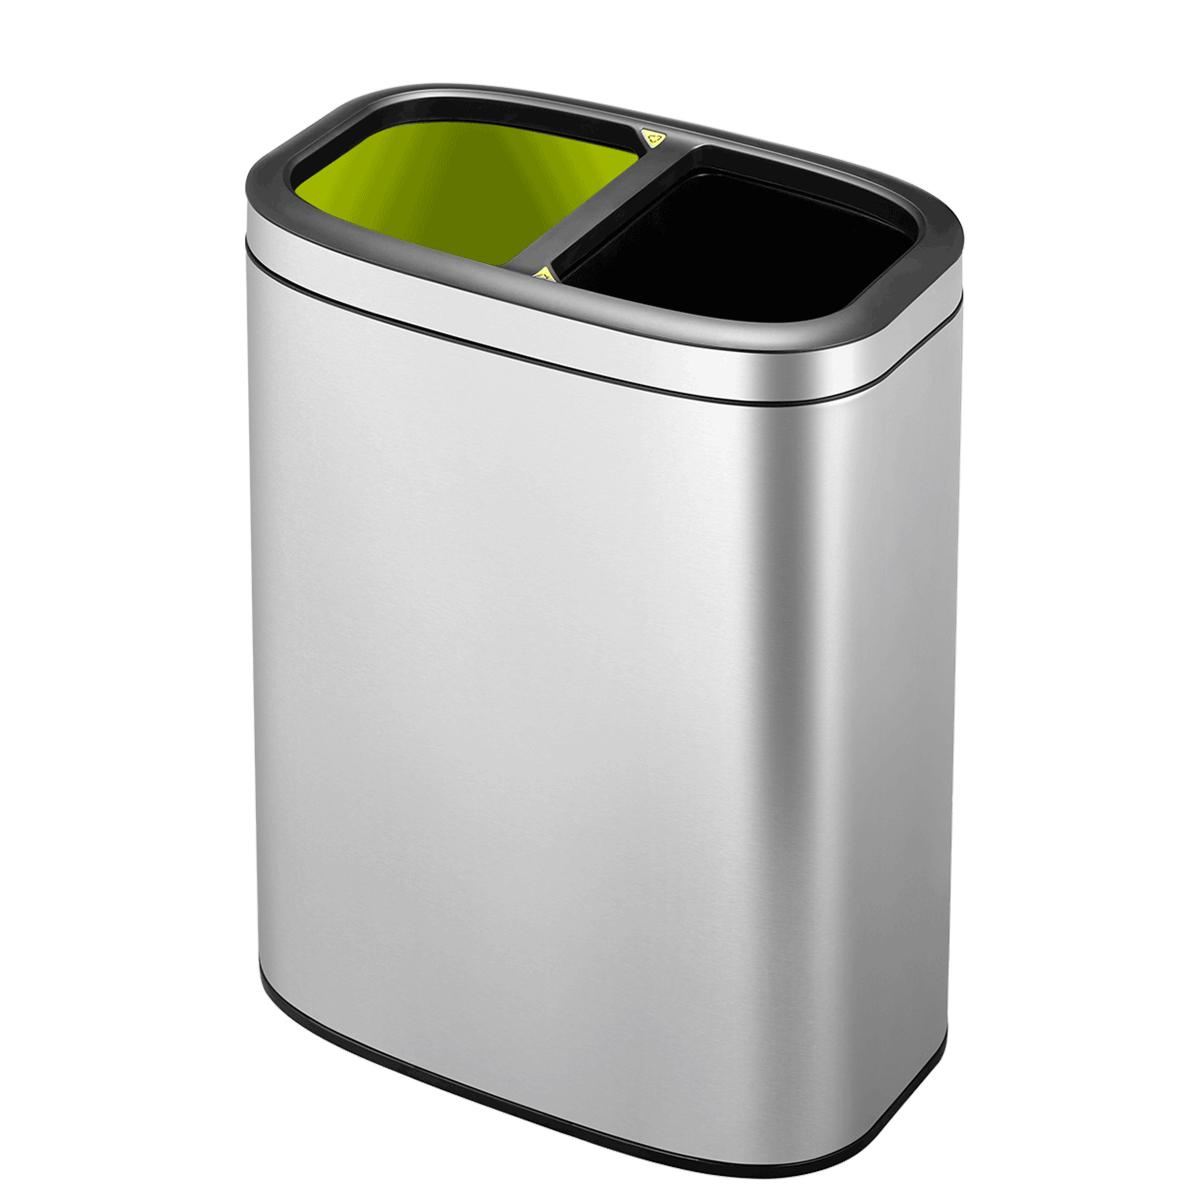 EKO Oli-Cube Recycling Bin 10L - Stainless Steel